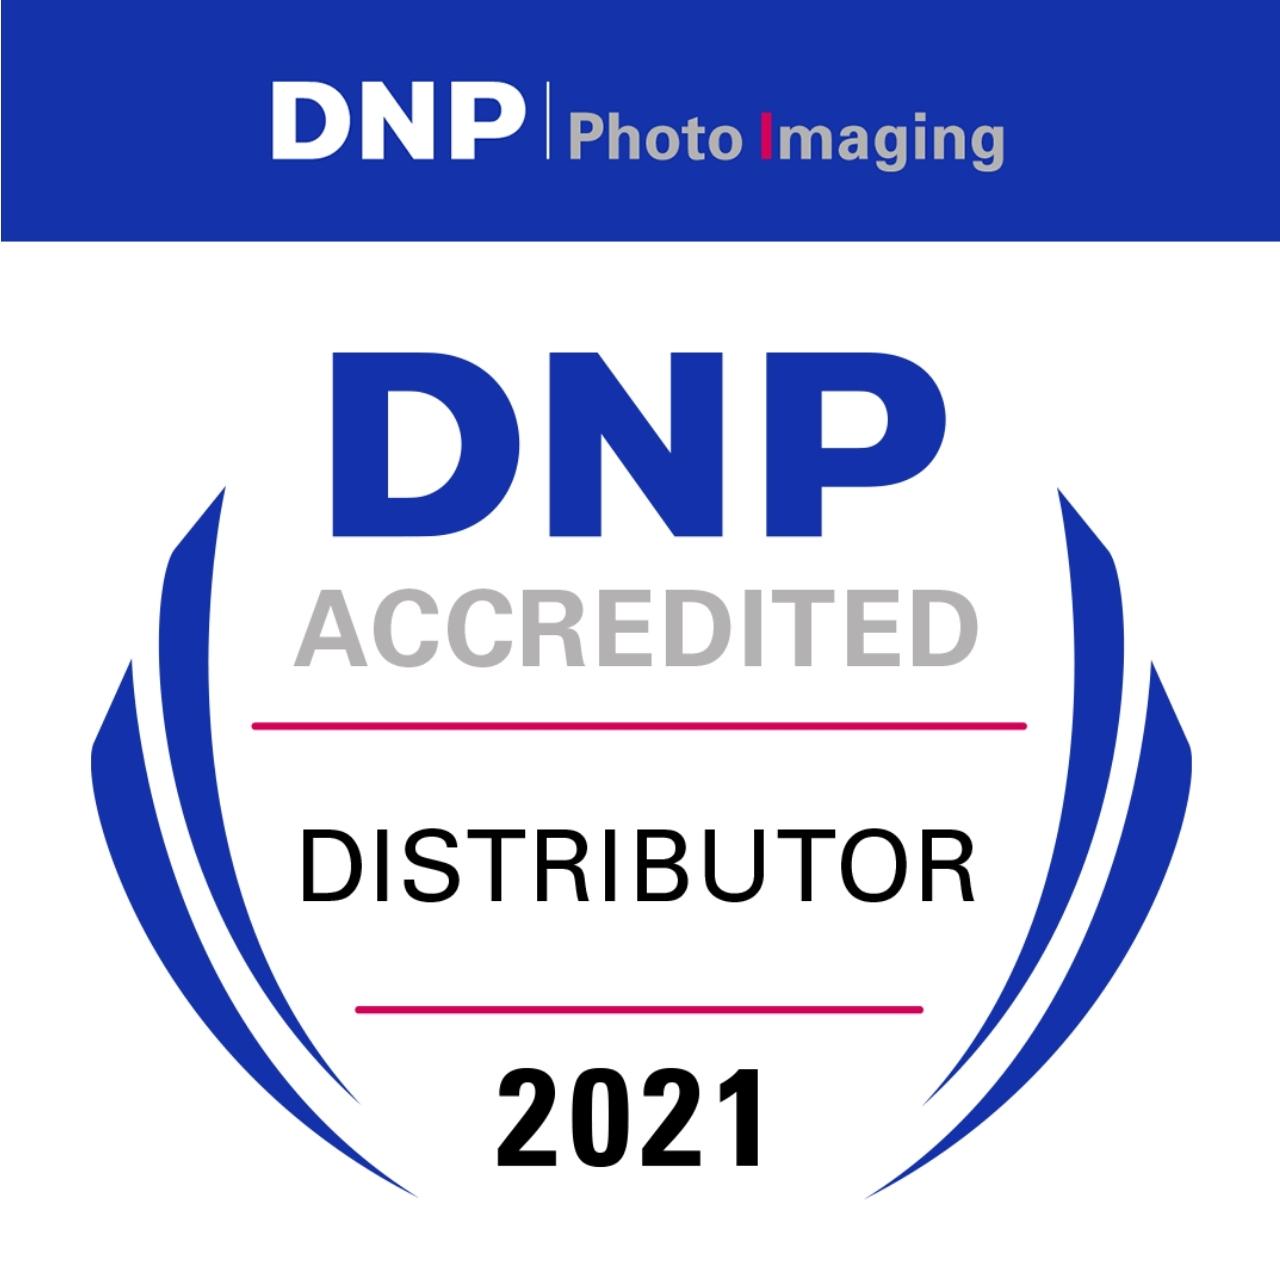 DNP Papel Térmico DS620 11,5x15 720 fotos 15x23 360 fotos